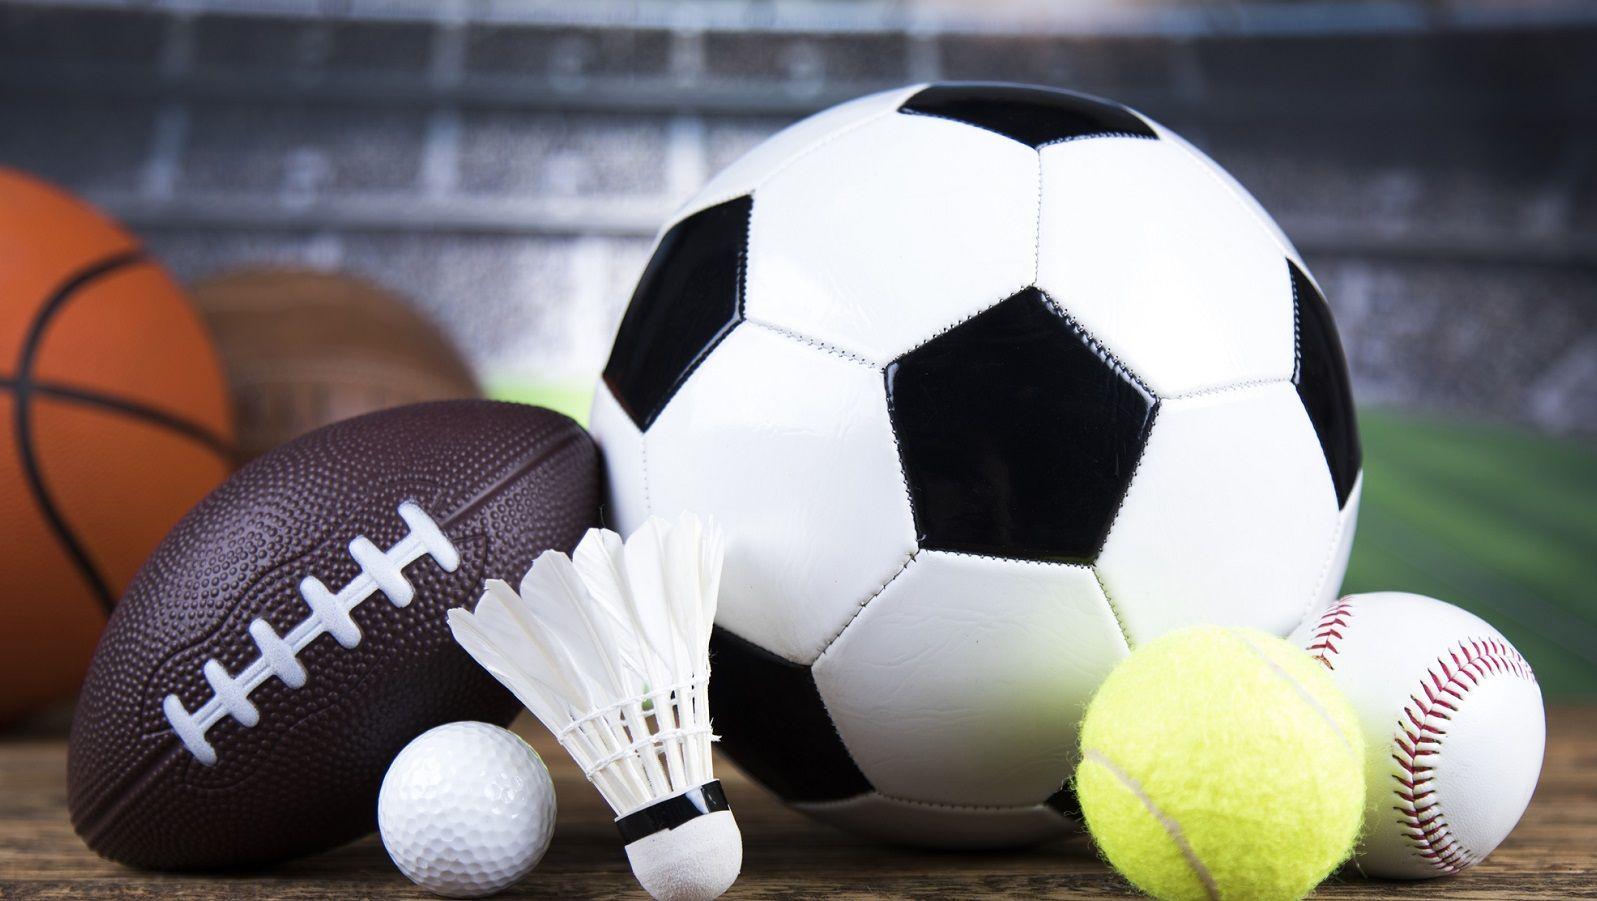 Жители Ленобласти могут бесплатно заниматься любимым спортом